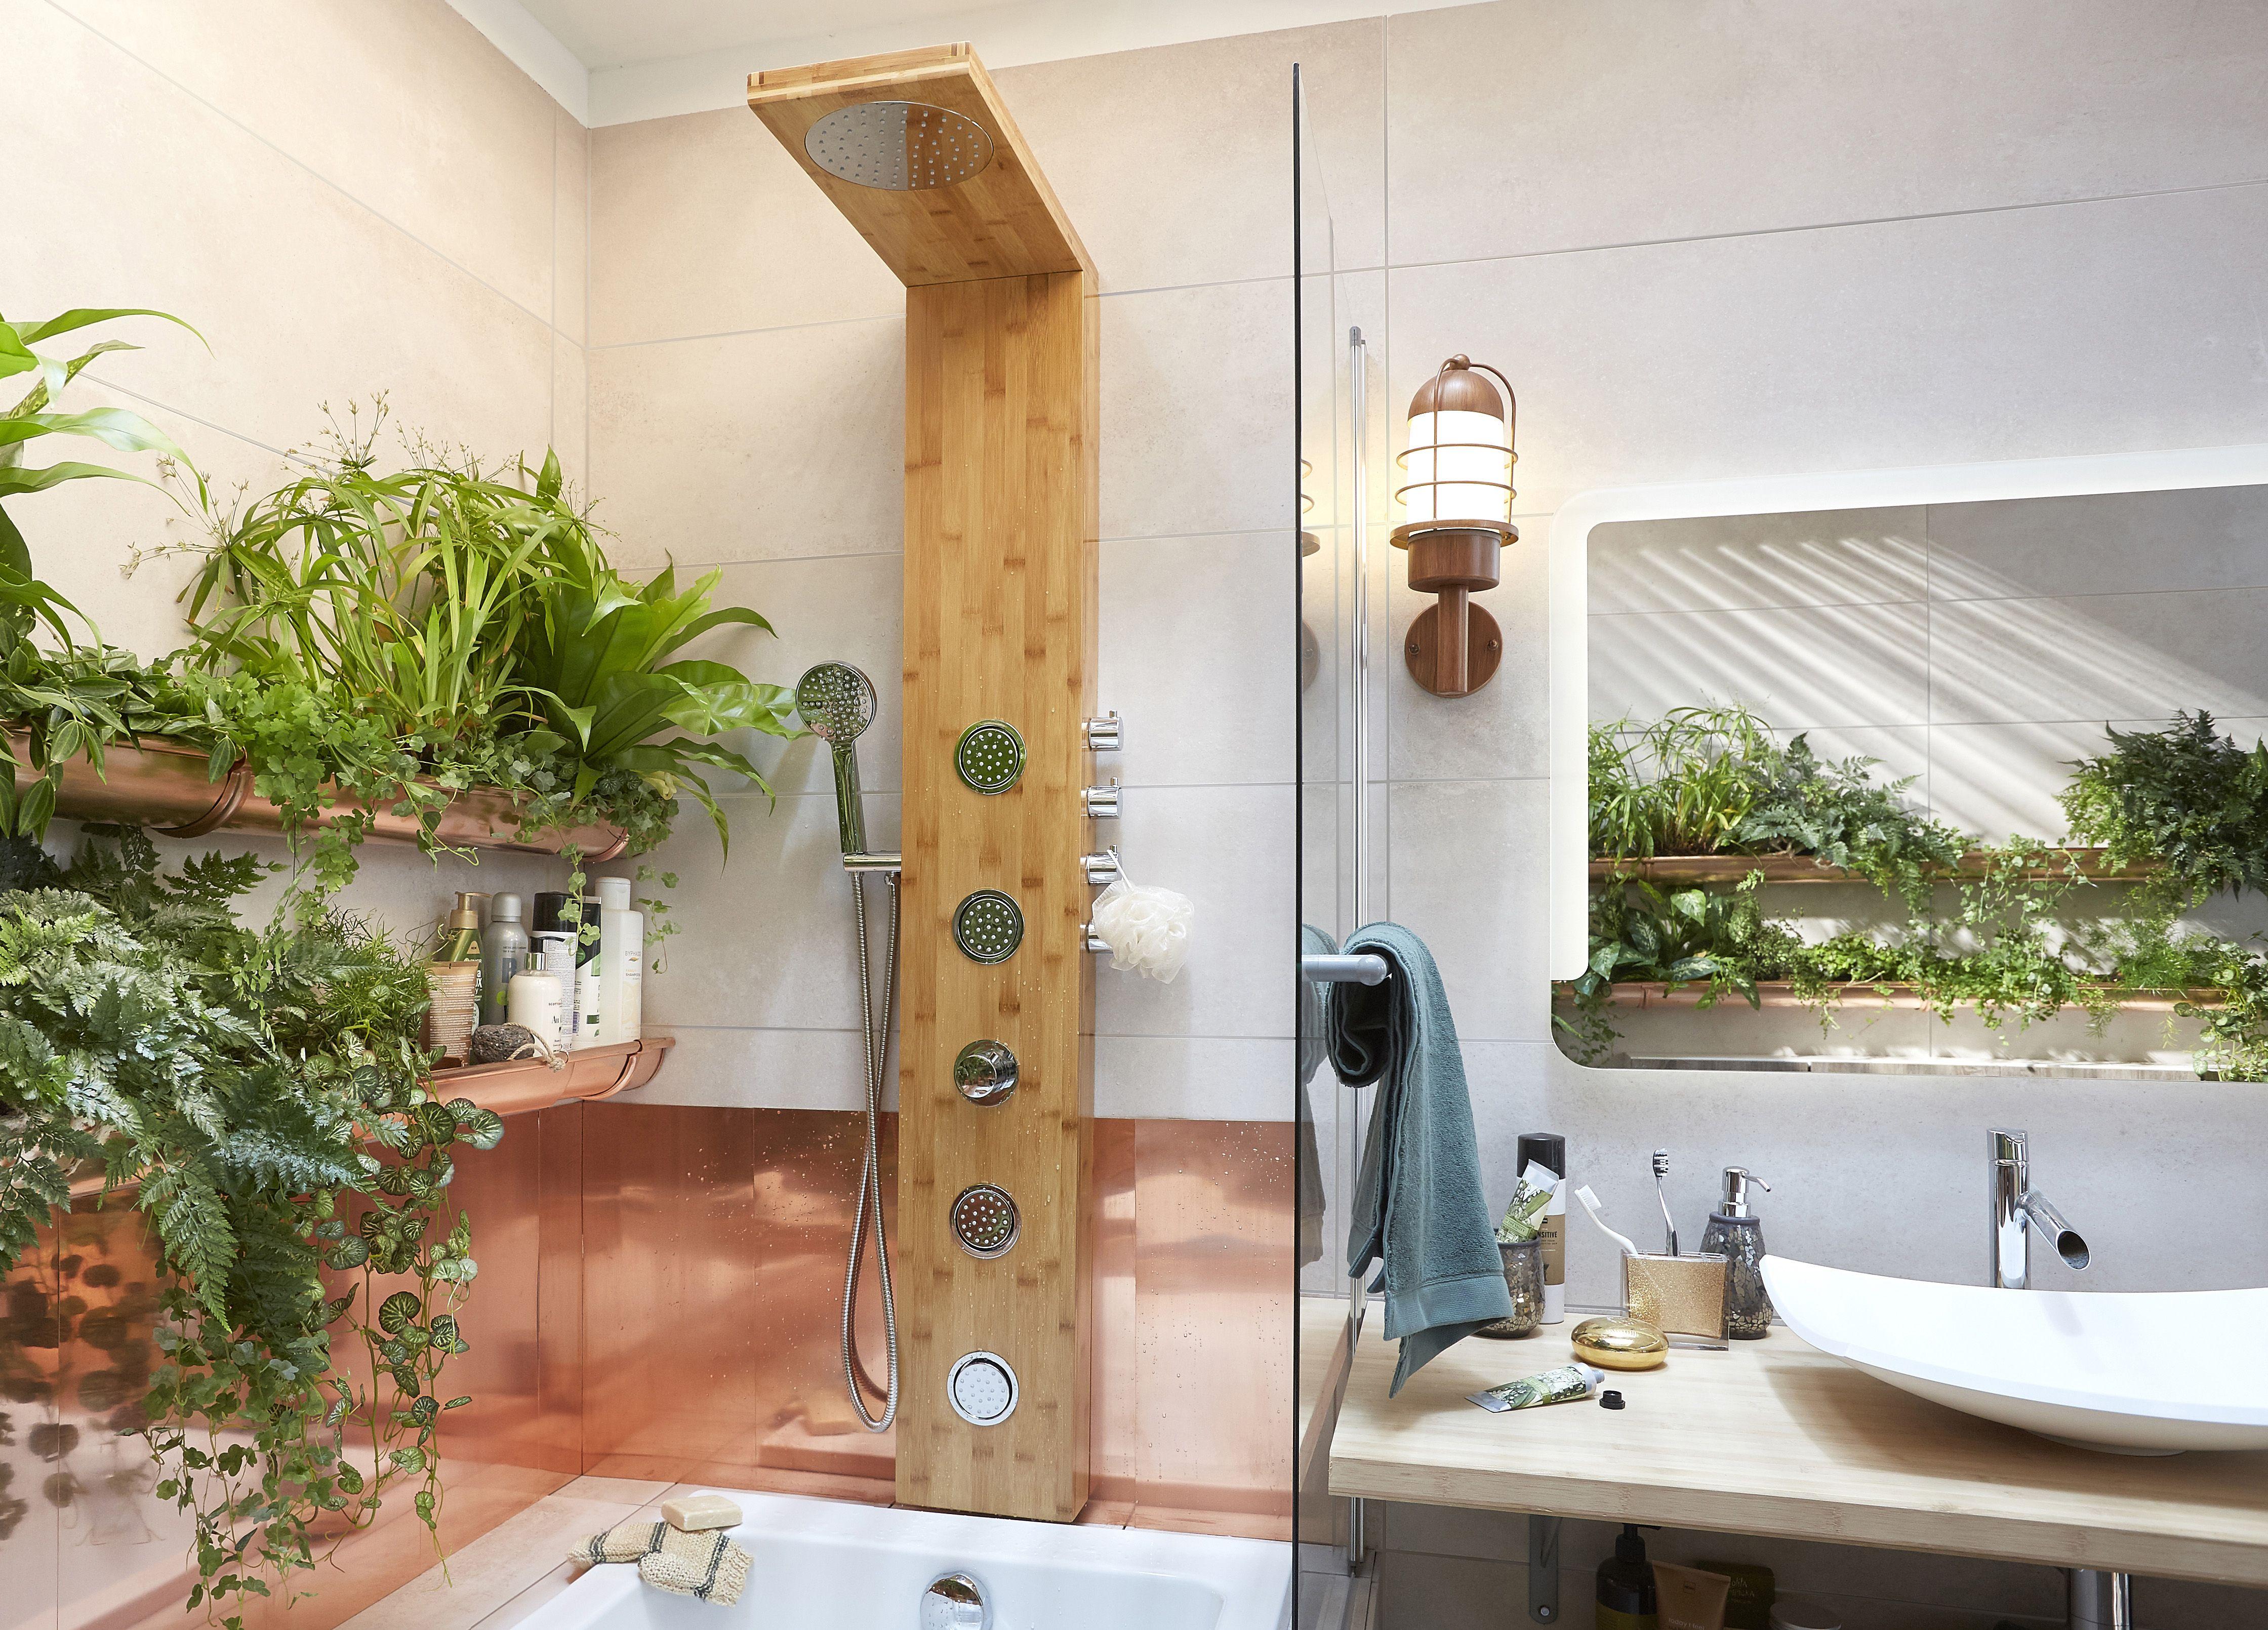 jardini res panoramiques dans la salle de bains pi ce humide et chaude la salle de bains se. Black Bedroom Furniture Sets. Home Design Ideas